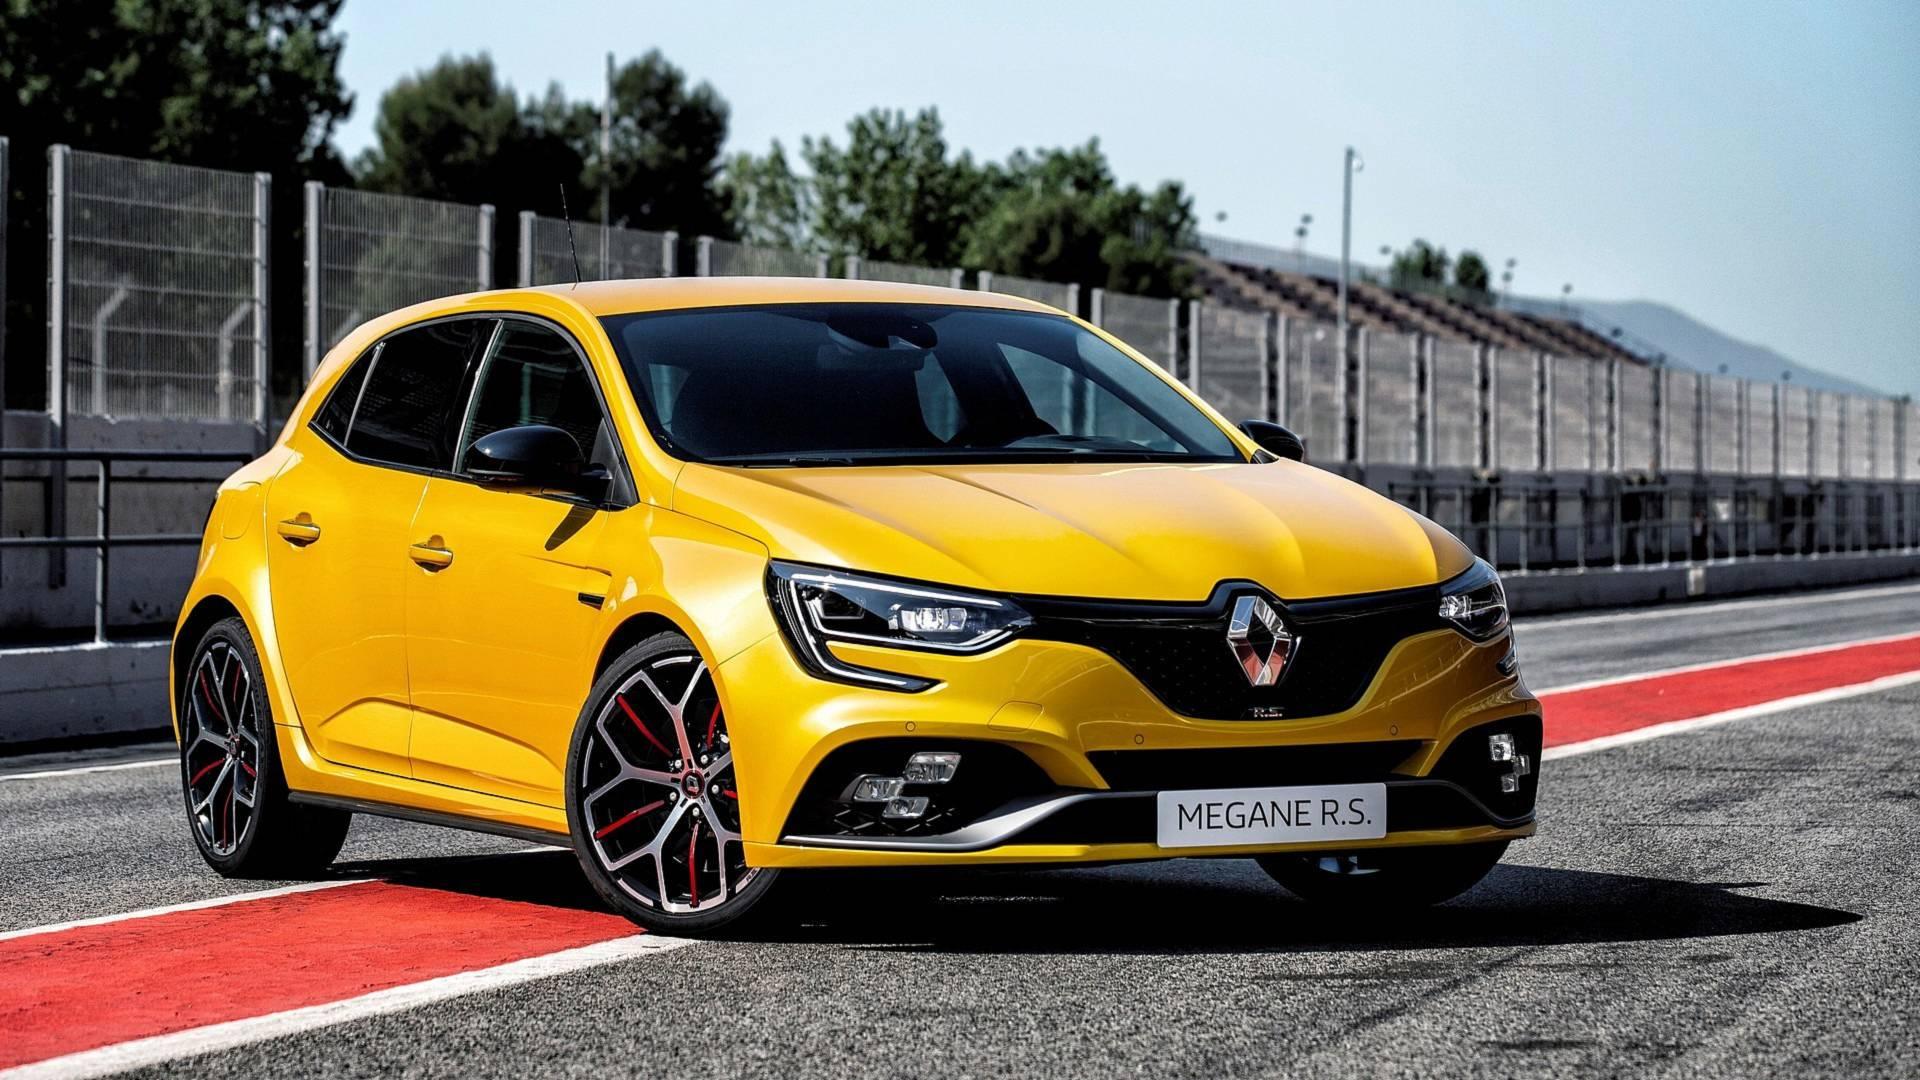 Renault Megane Rs Trophy E Revelado Com 300 Cv